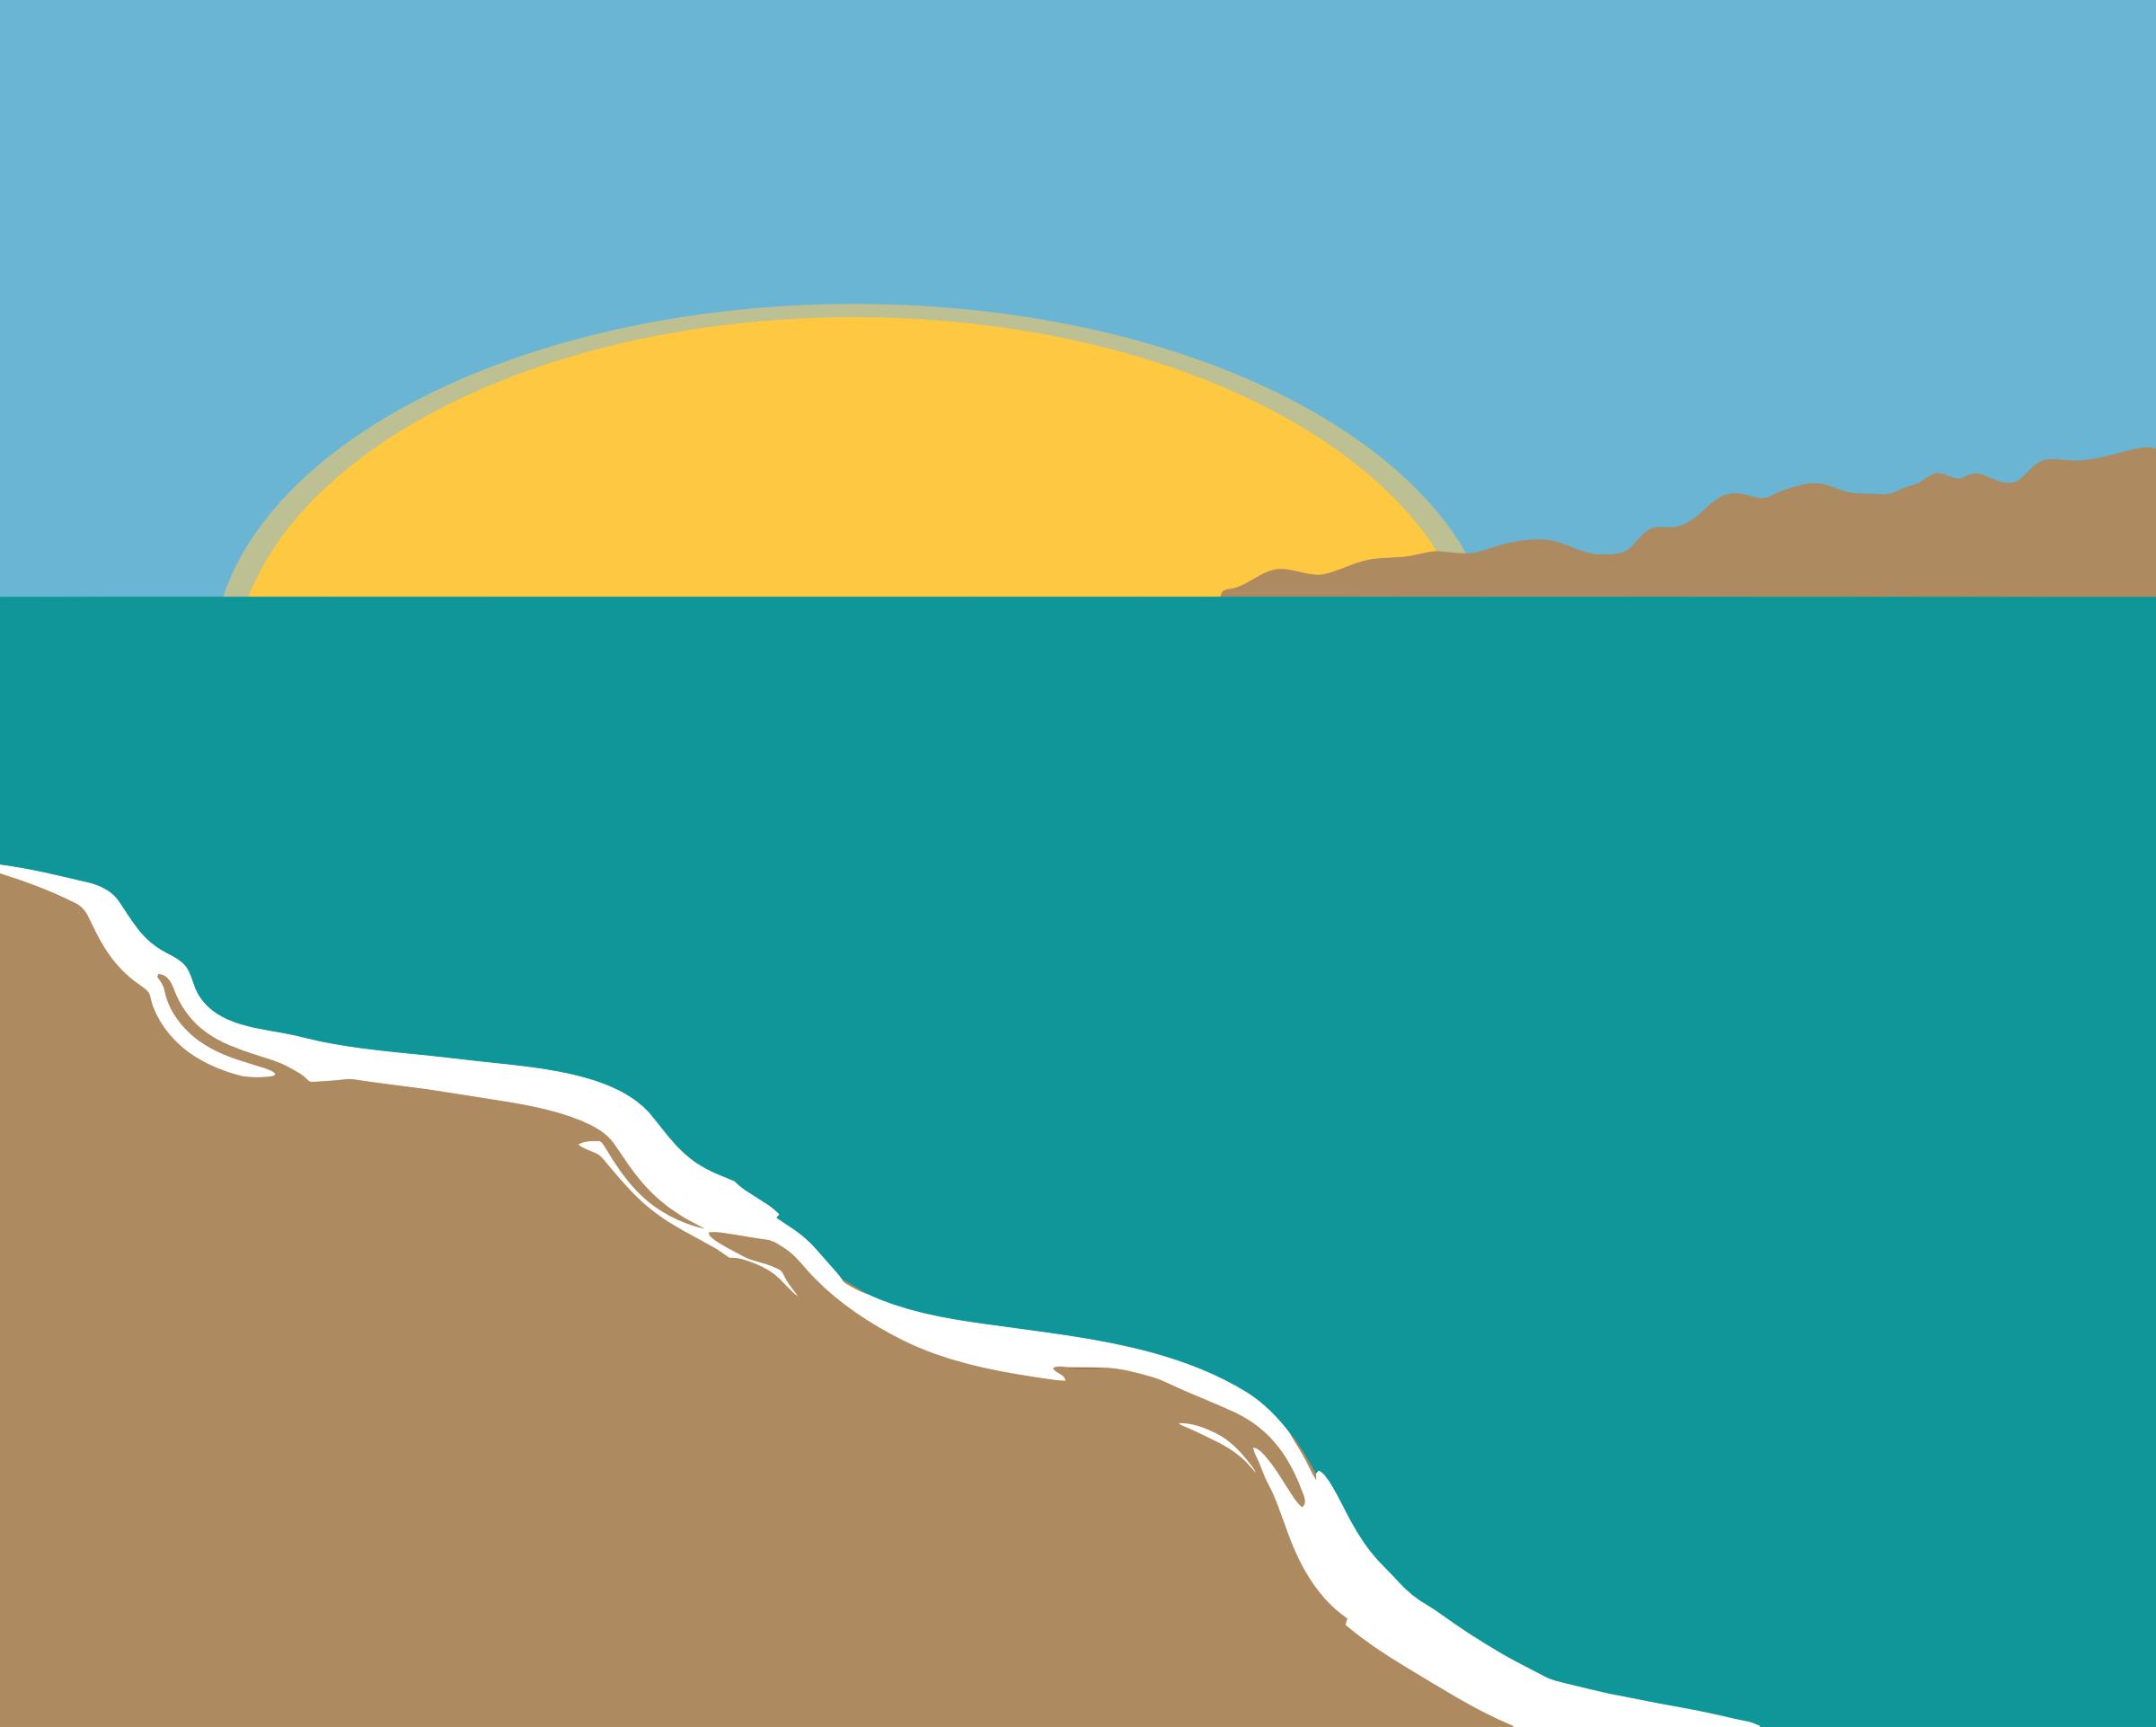 Beach clipart simple. Landscape big image png